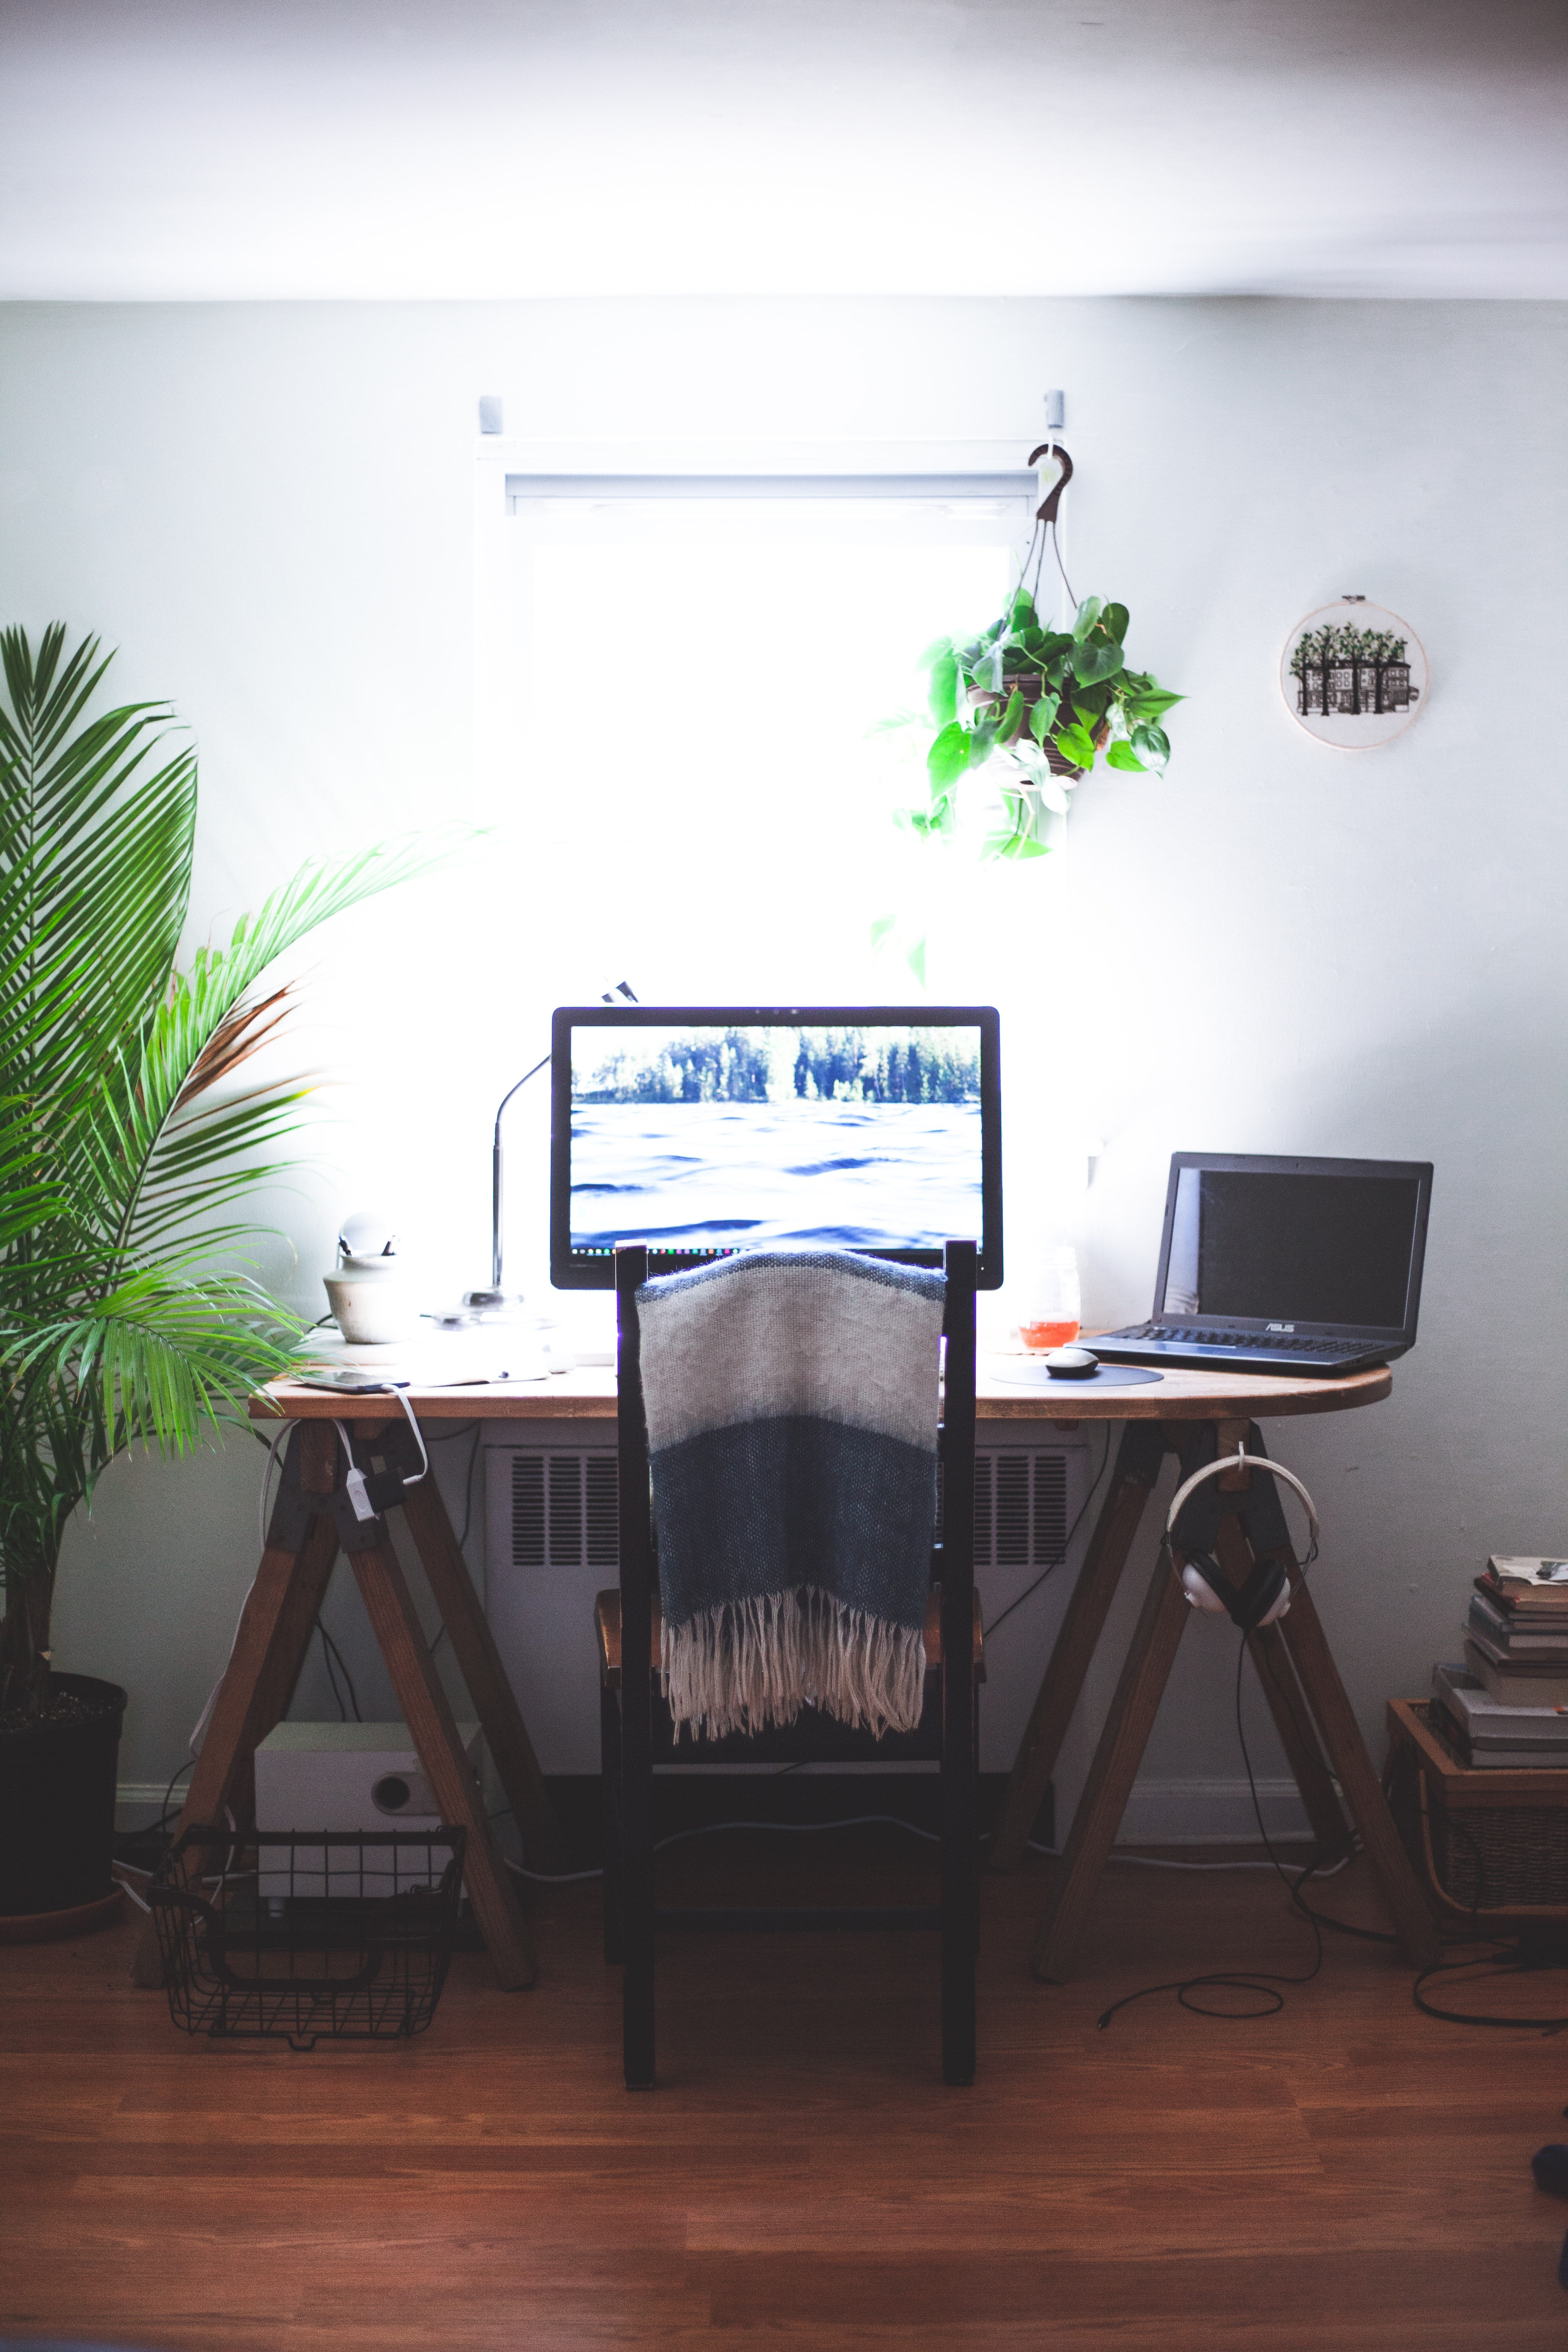 ipsos lucrează de acasă